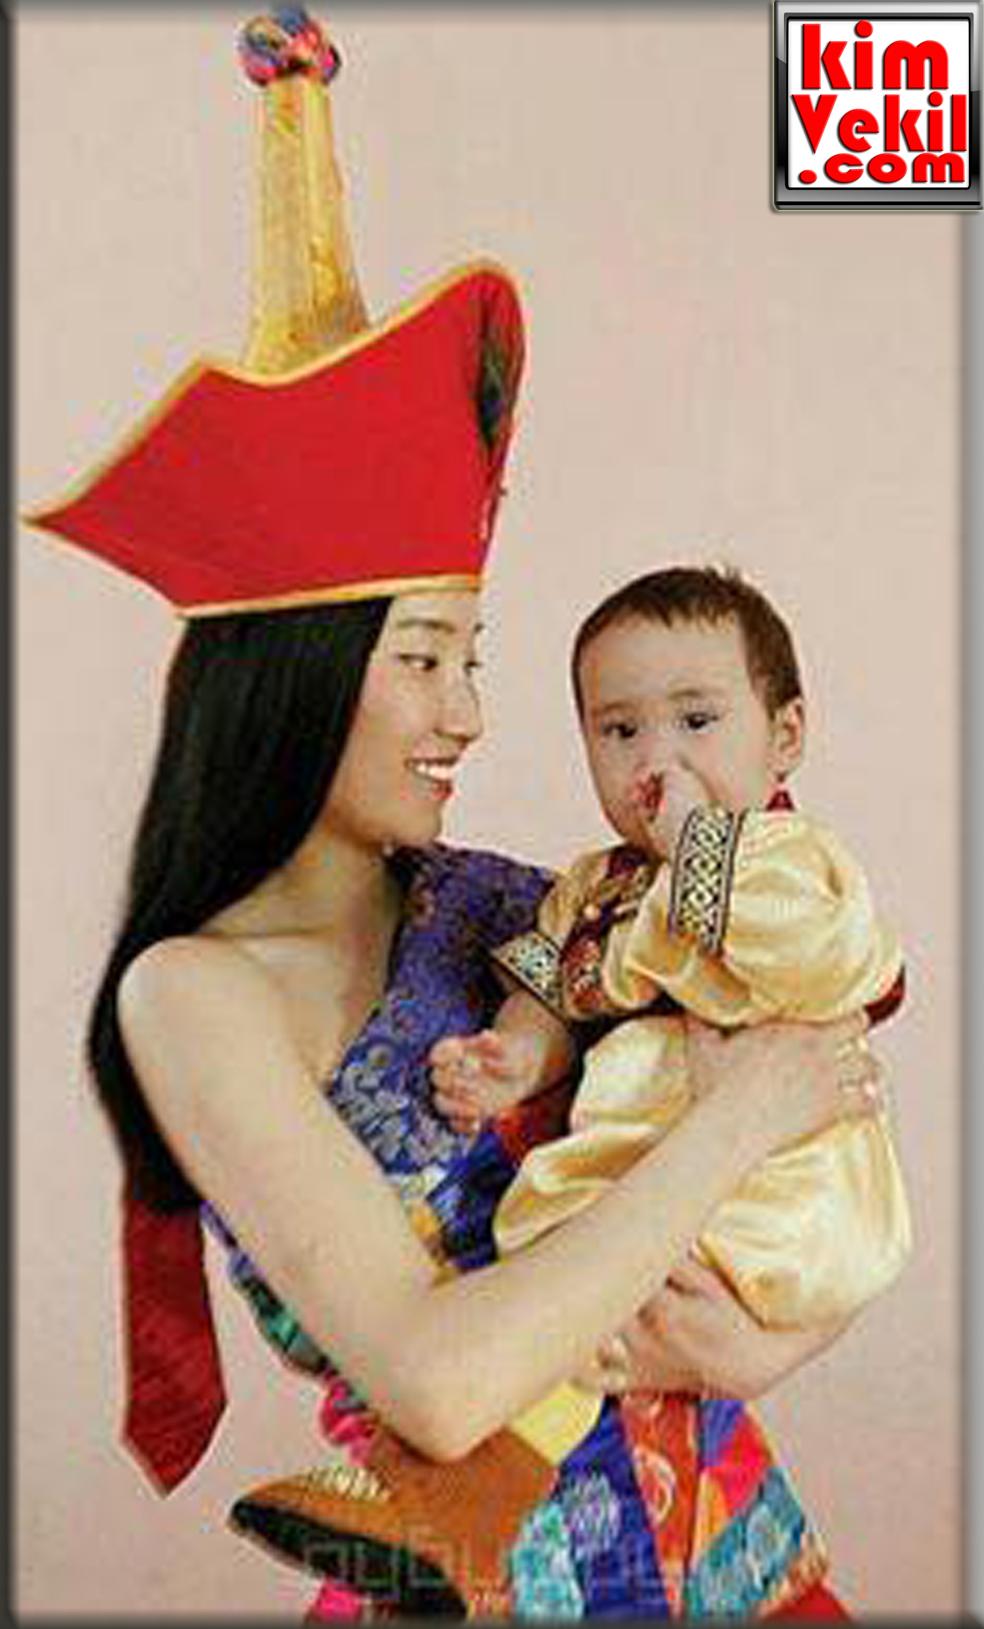 Dr.Shurubu Kayhan & Kimvekil.Com Buryat Türklerinde Doğum ile İlgili Örf ve Adetler